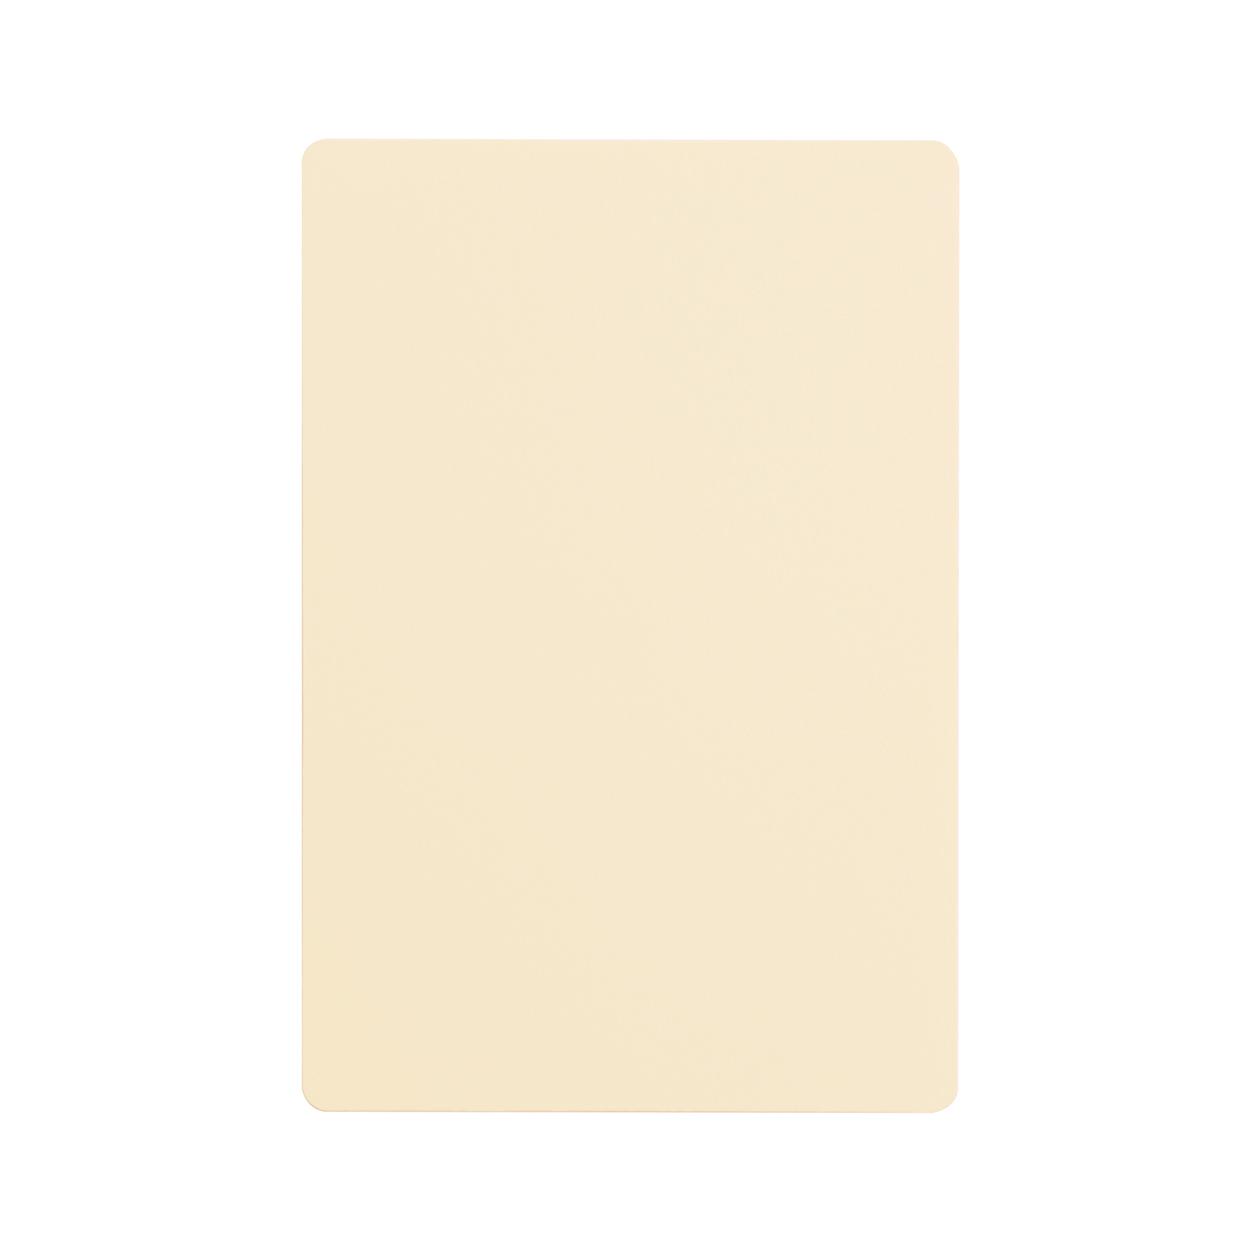 #50カードR コットン ナチュラル 232.8g